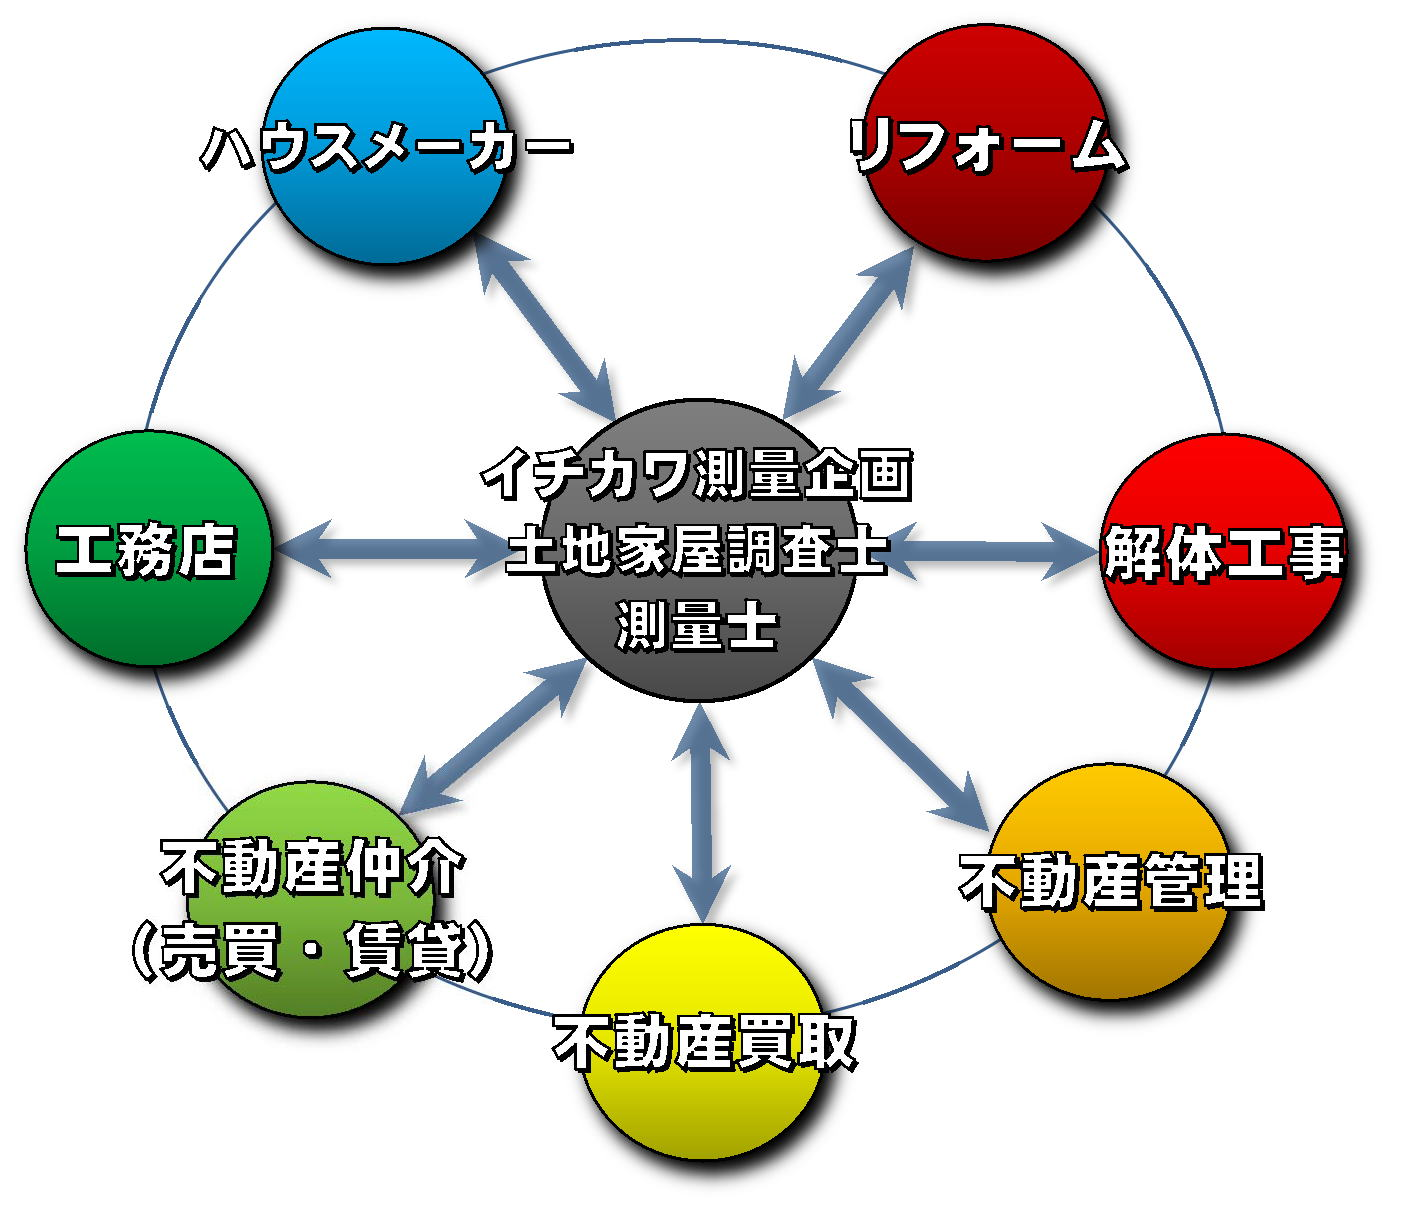 不動産ネットワーク